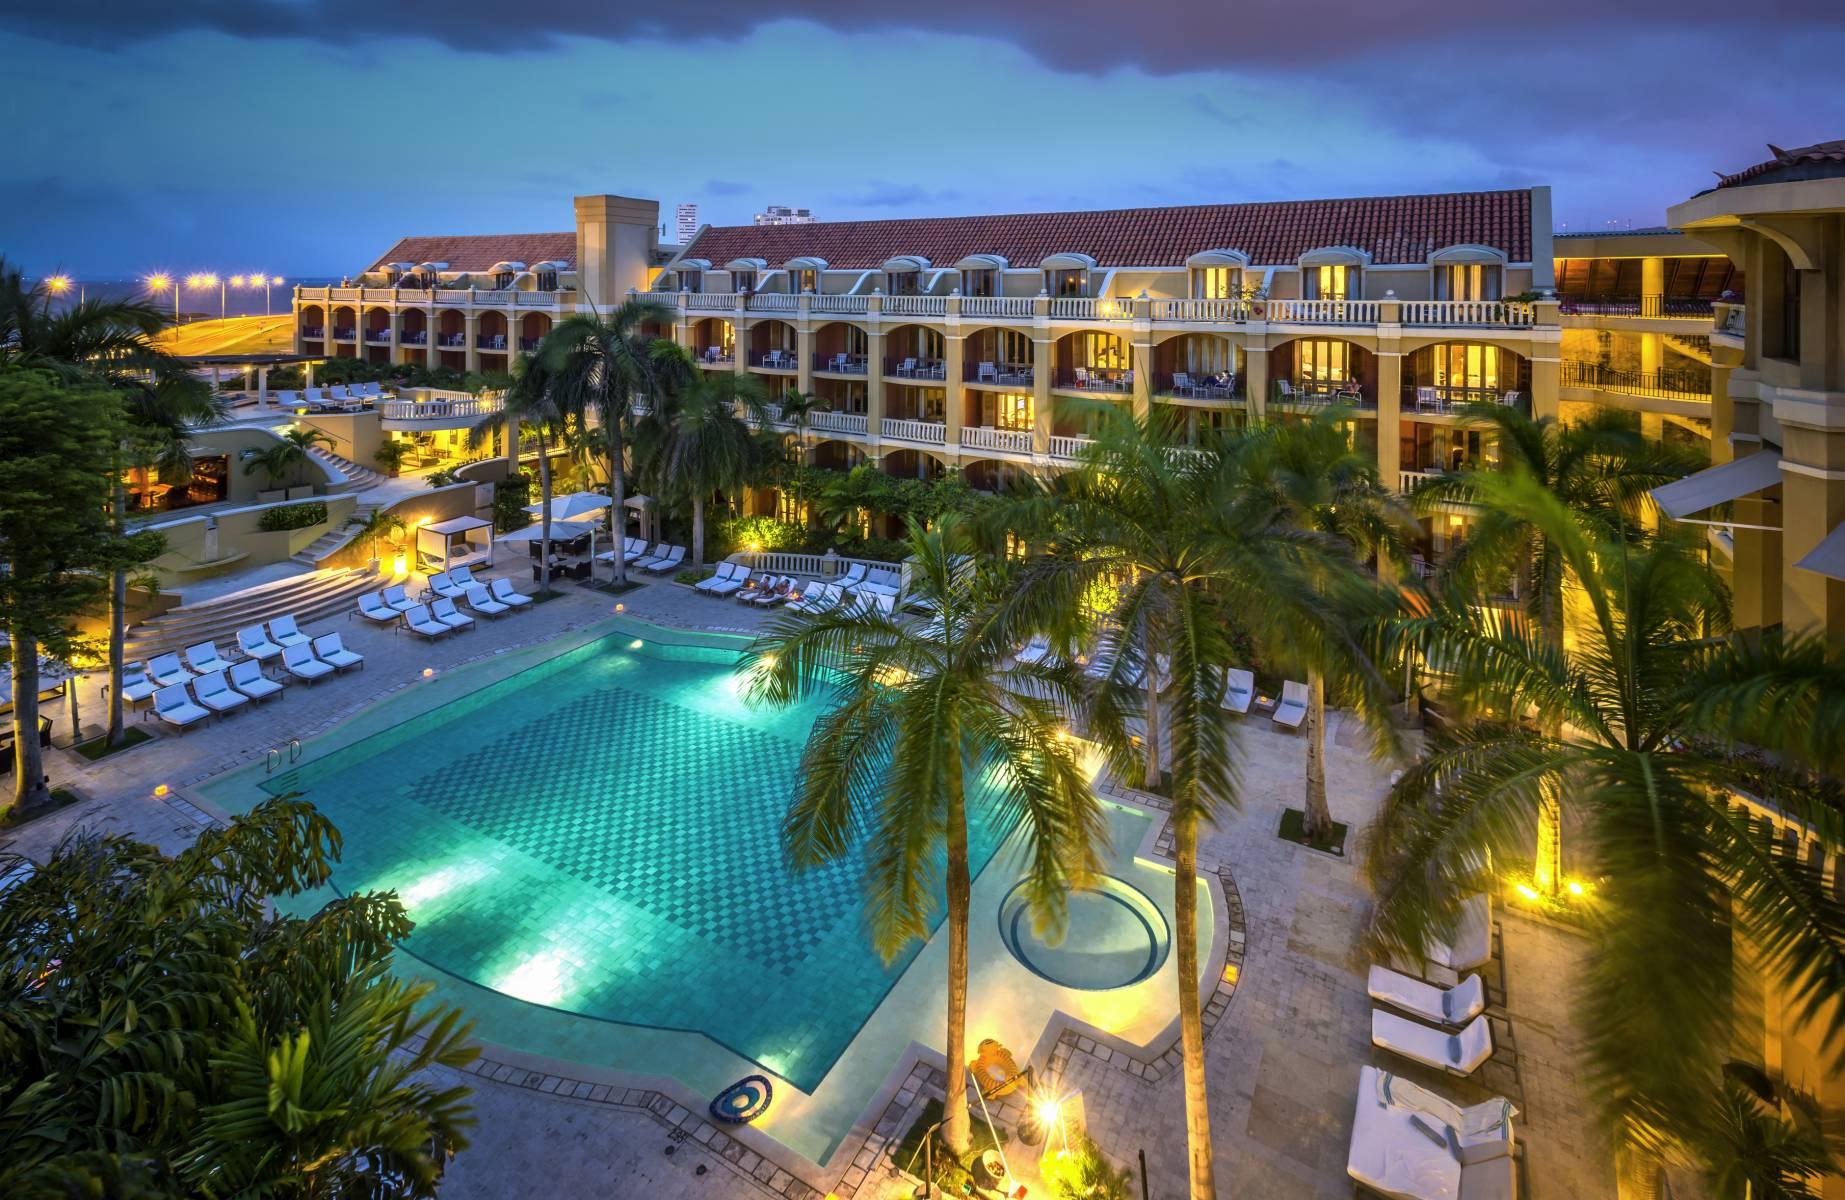 reconocido-mejor-hotel-de-sudamerica-por-conde-nast-traveler